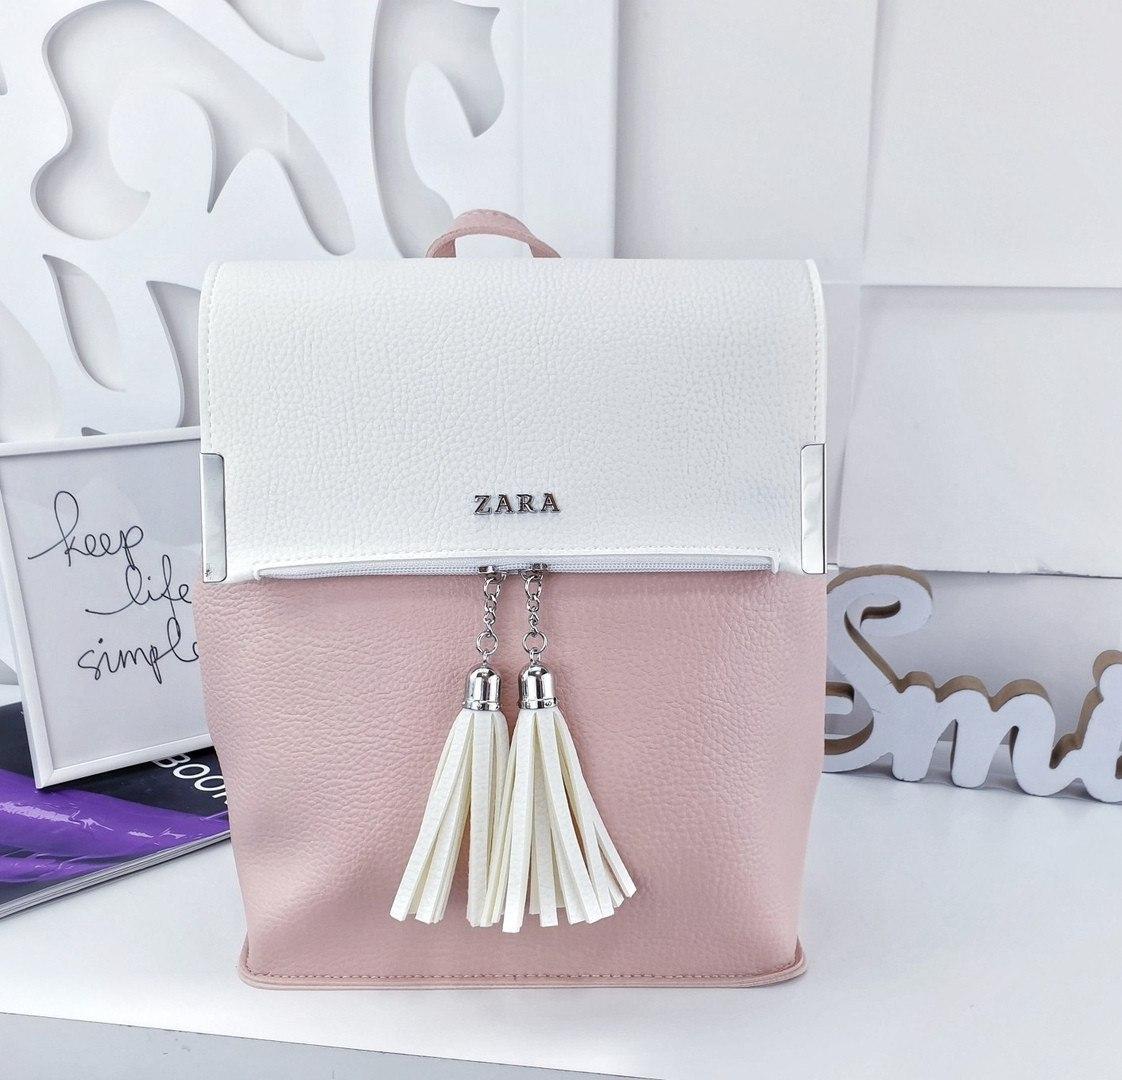 Женский рюкзак-сумка в стиле Zara бело-пудрового цвета с кисточками из экокожи